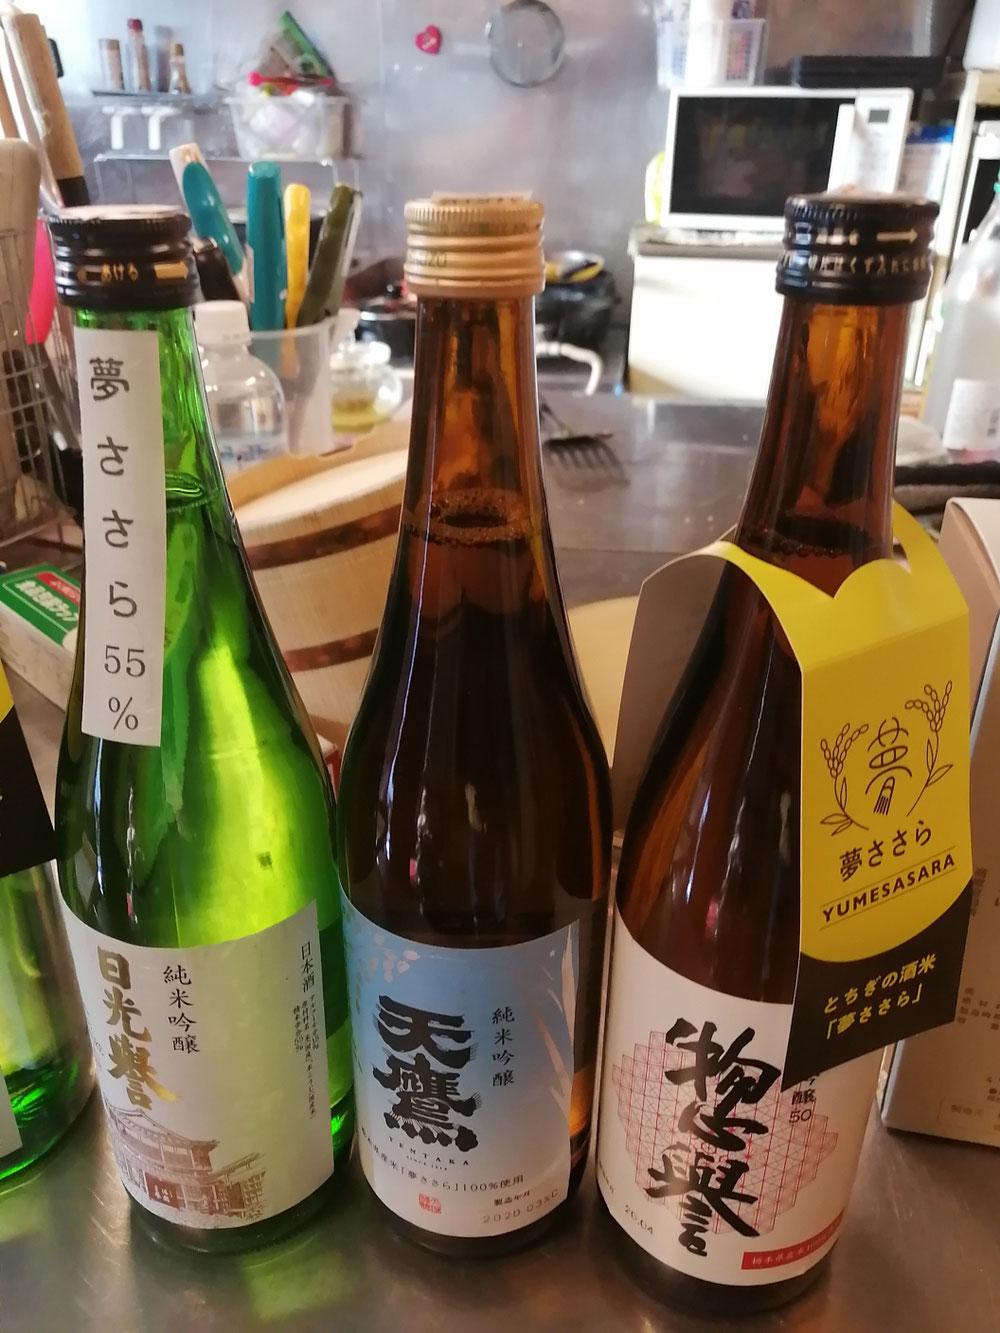 お酒は川治温泉の田井酒店さんにお願いしています。